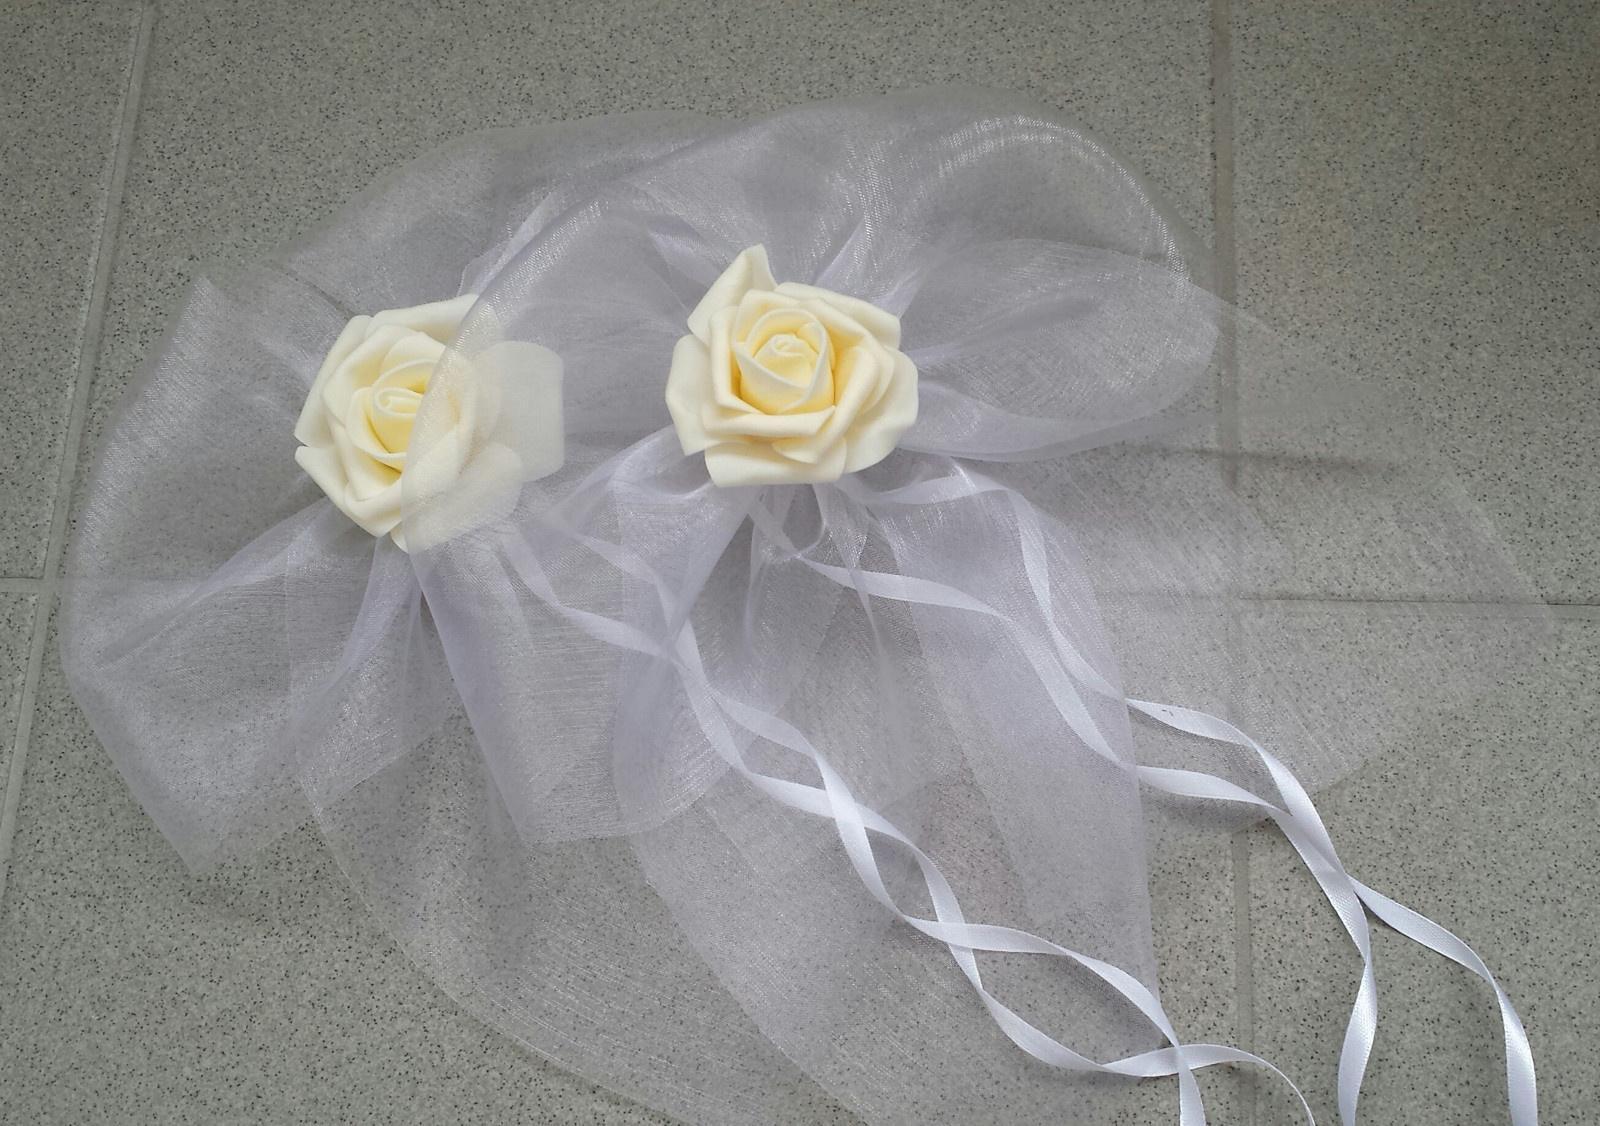 Cylindr na svatební auto - bílá/zlatá/champagne - Obrázek č. 3